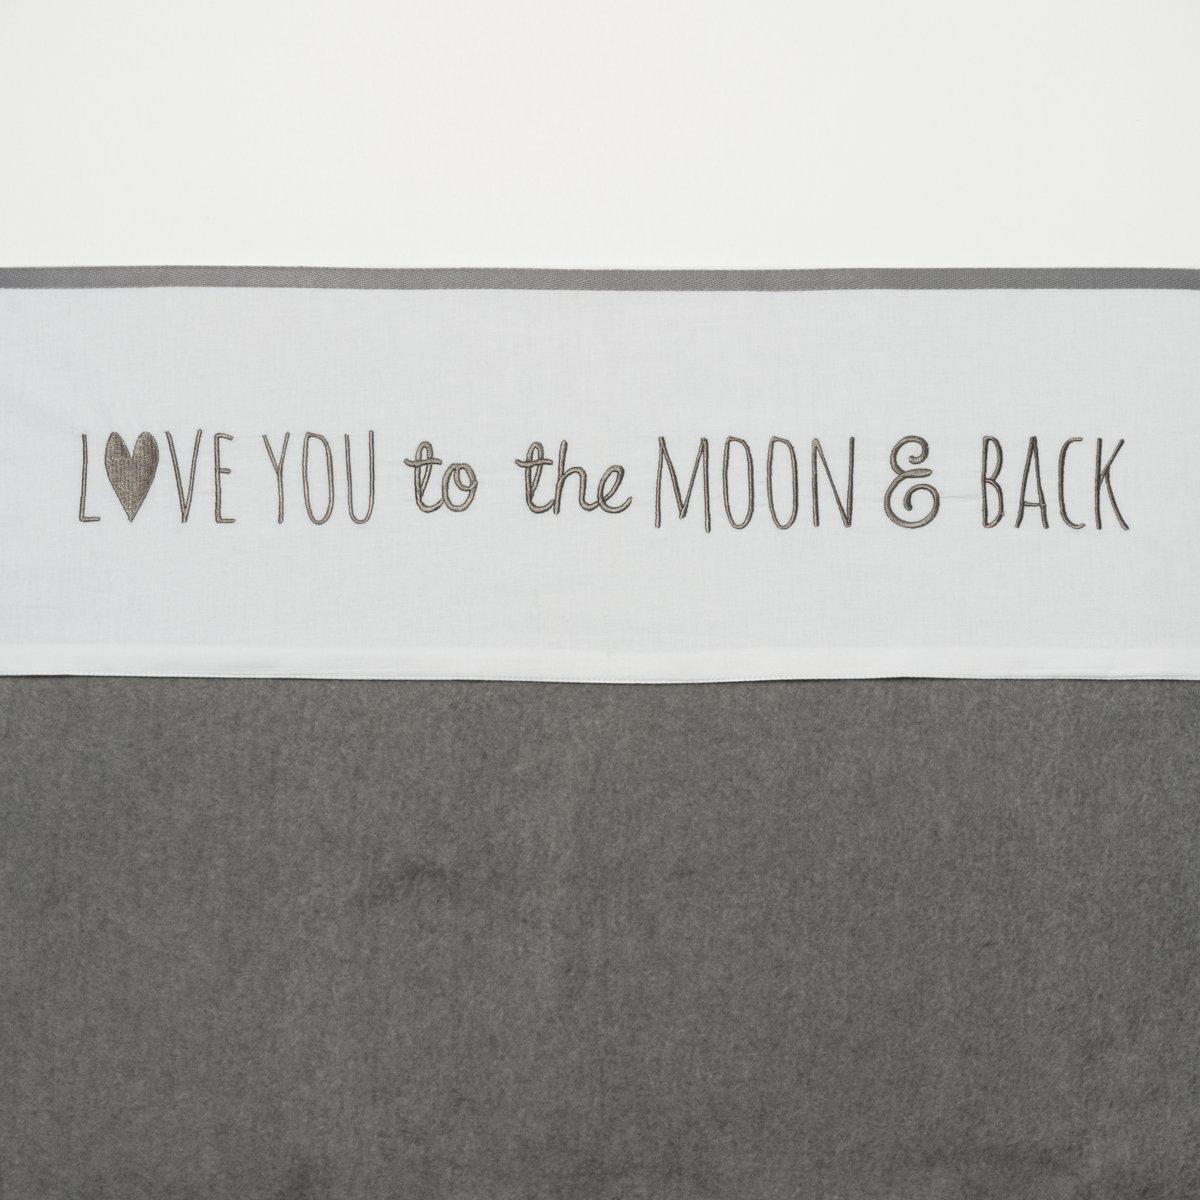 Meyco wieglaken Love you to the moon & back - 75 x 100 cm - grijs